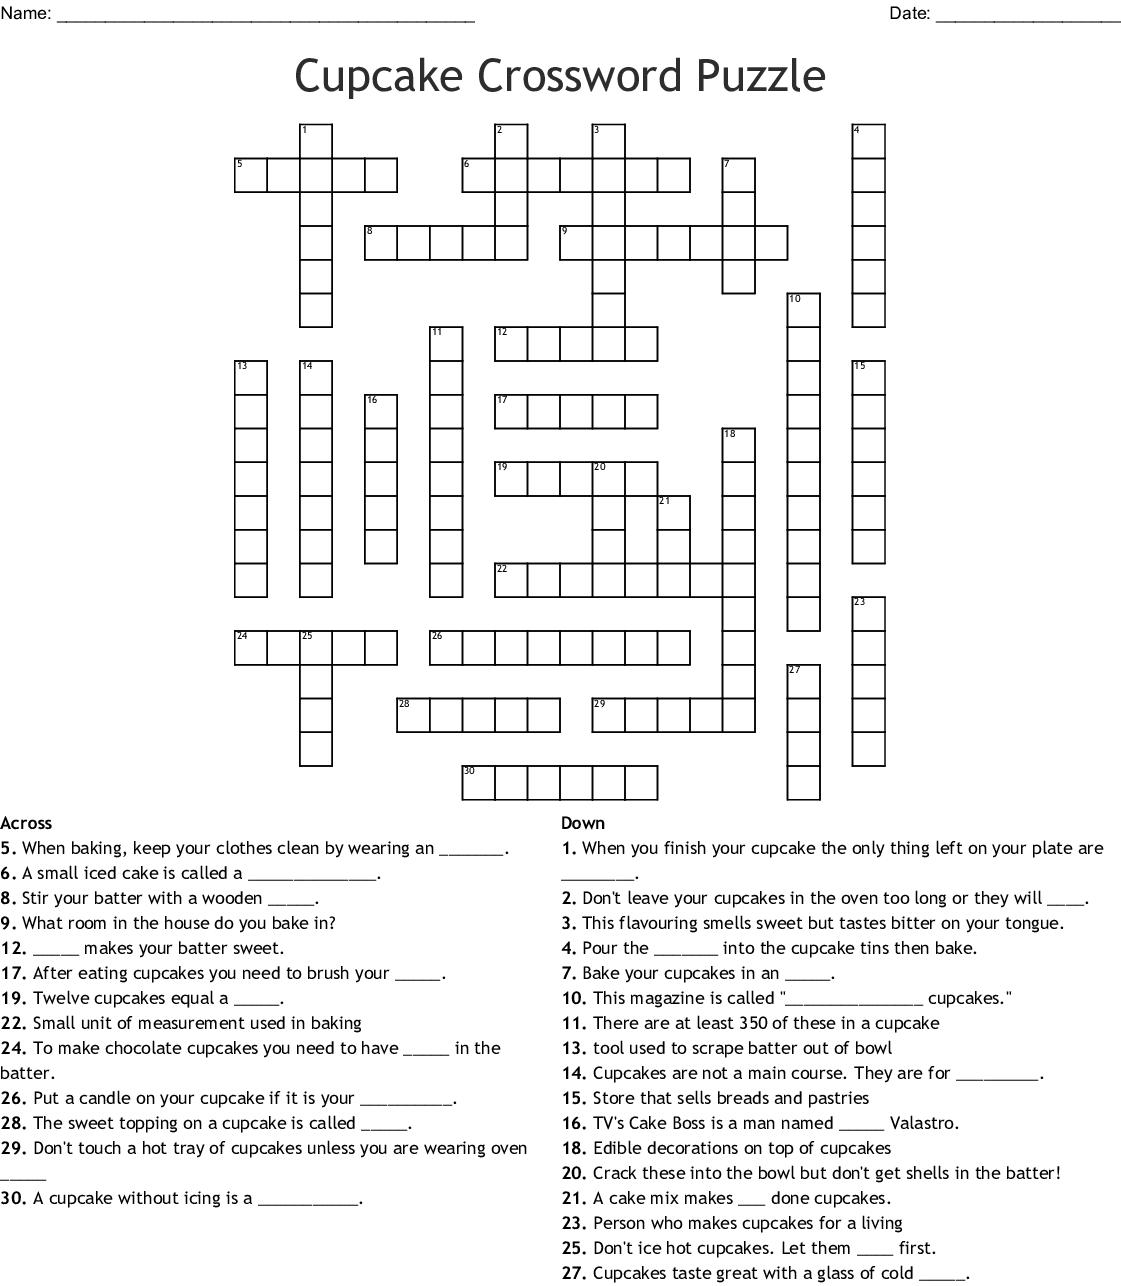 Cupcake Crossword Puzzle